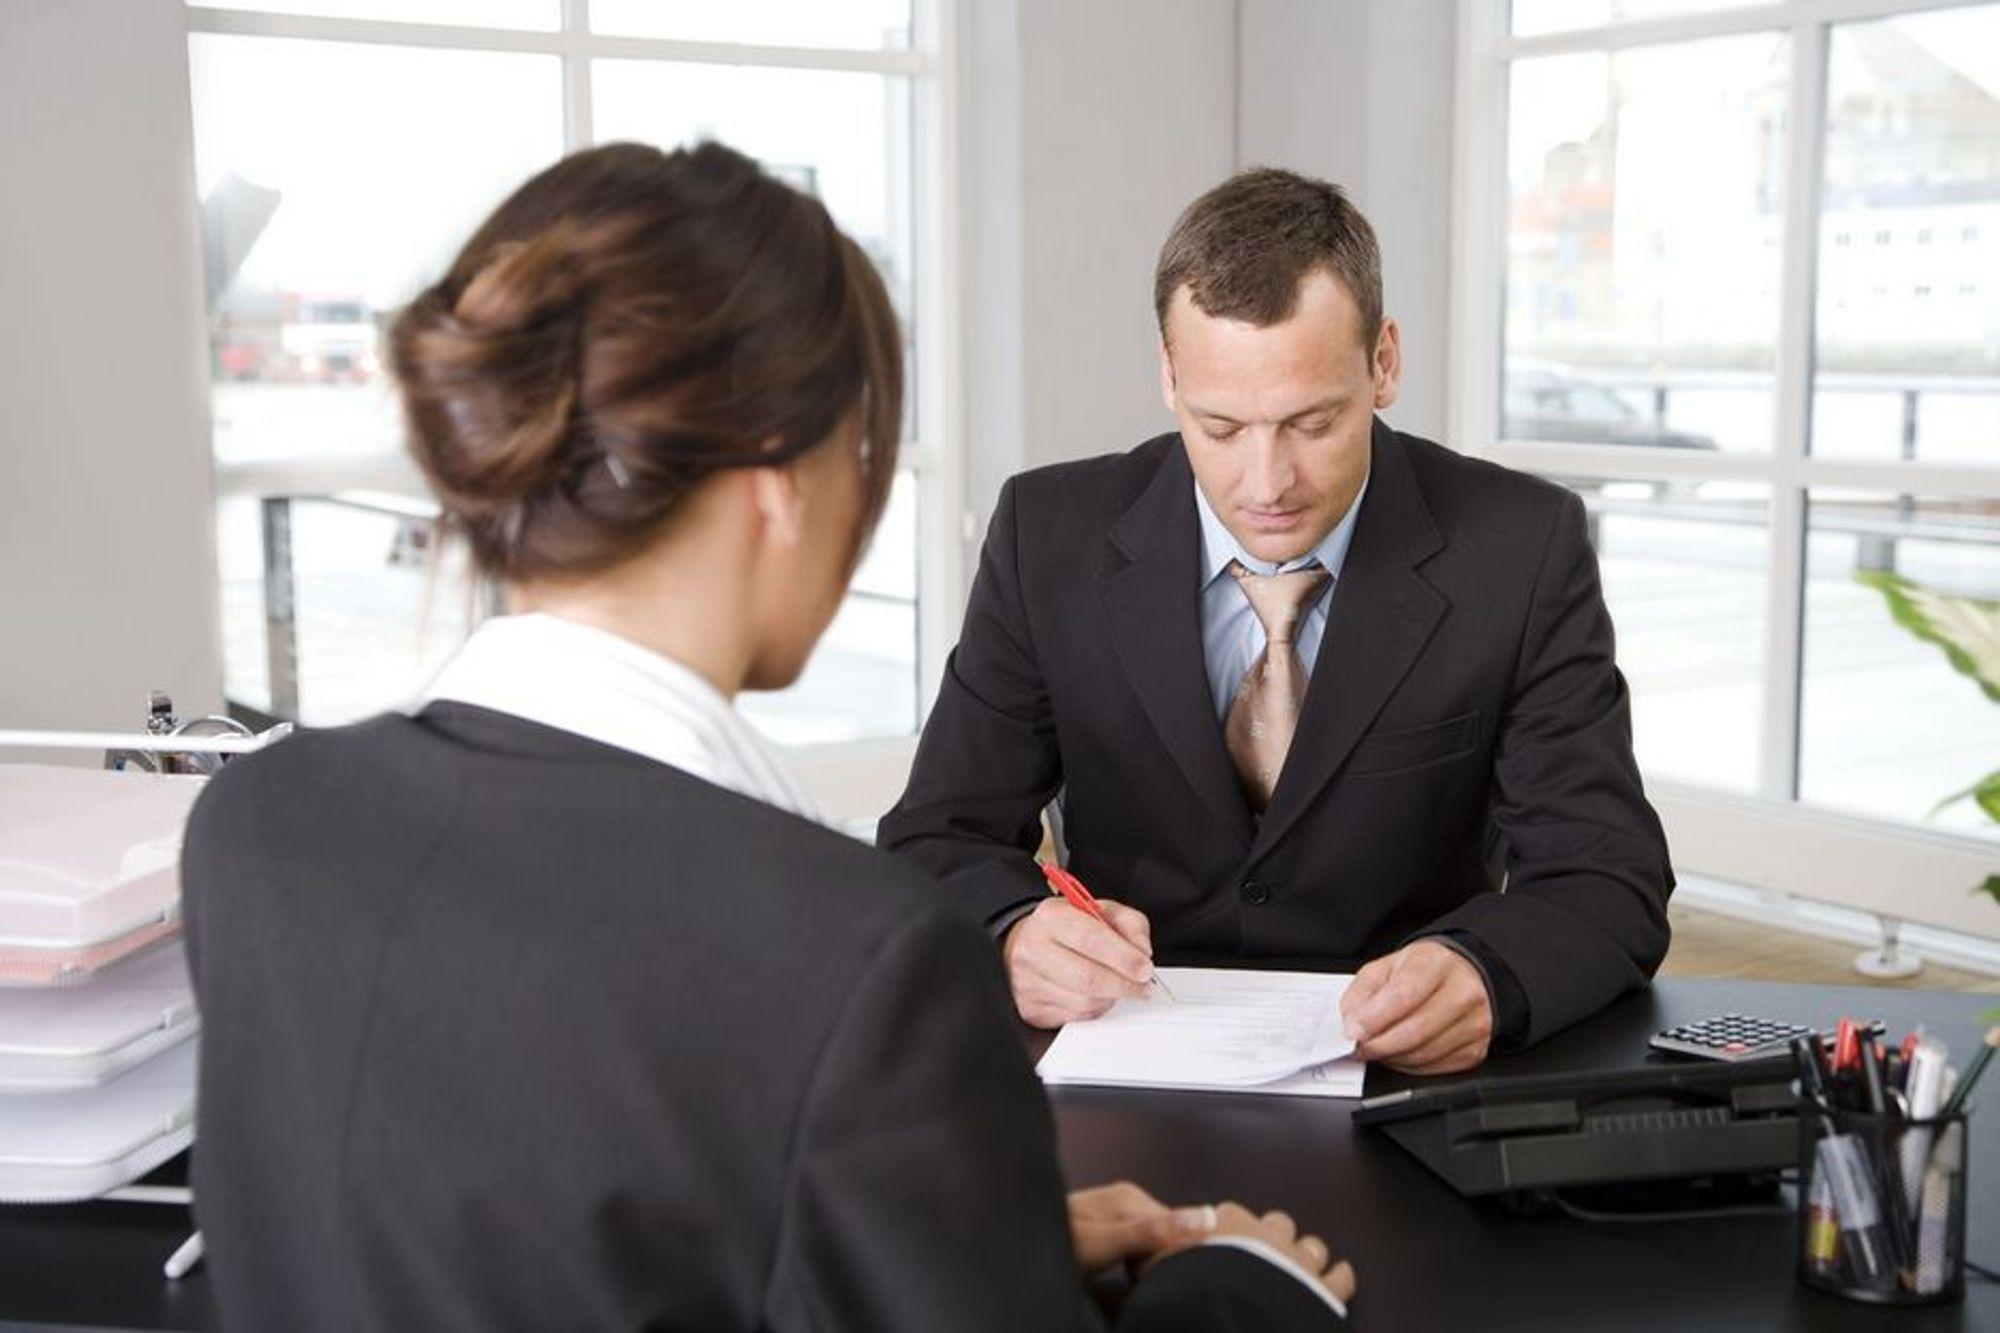 DEKODING: Spørsmålene på et jobbintervju har skjulte betydninger.